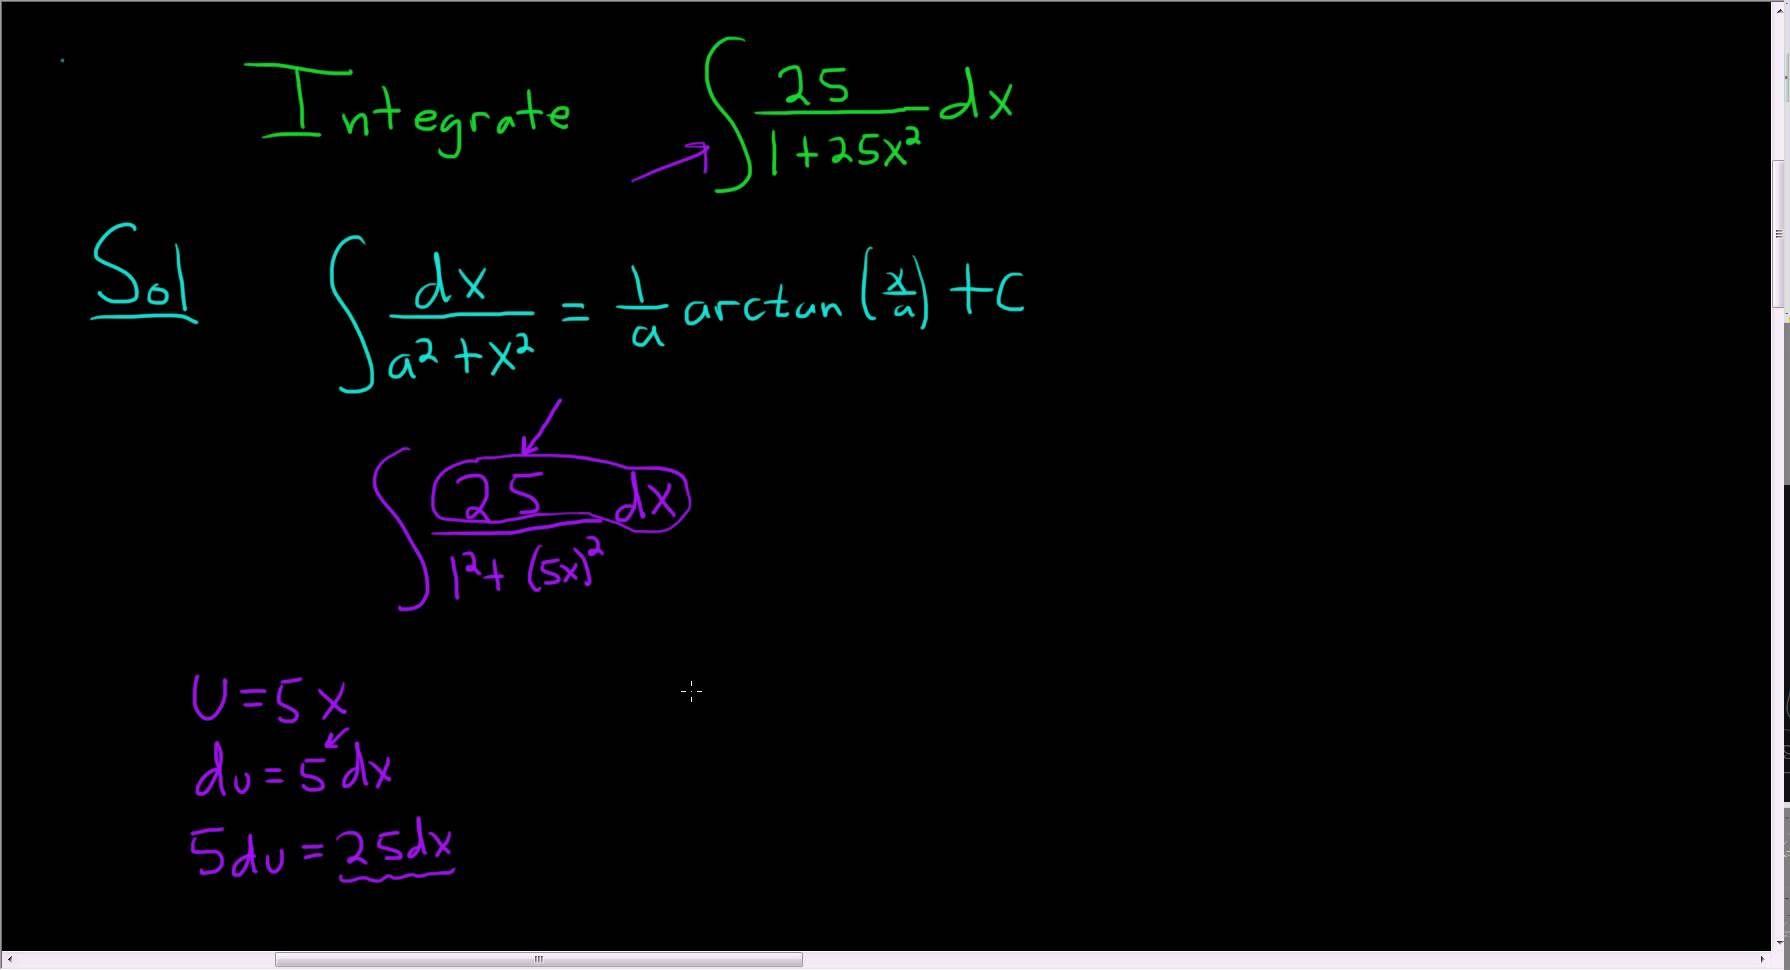 Indefinite integral of 251 25x2 using arctangent